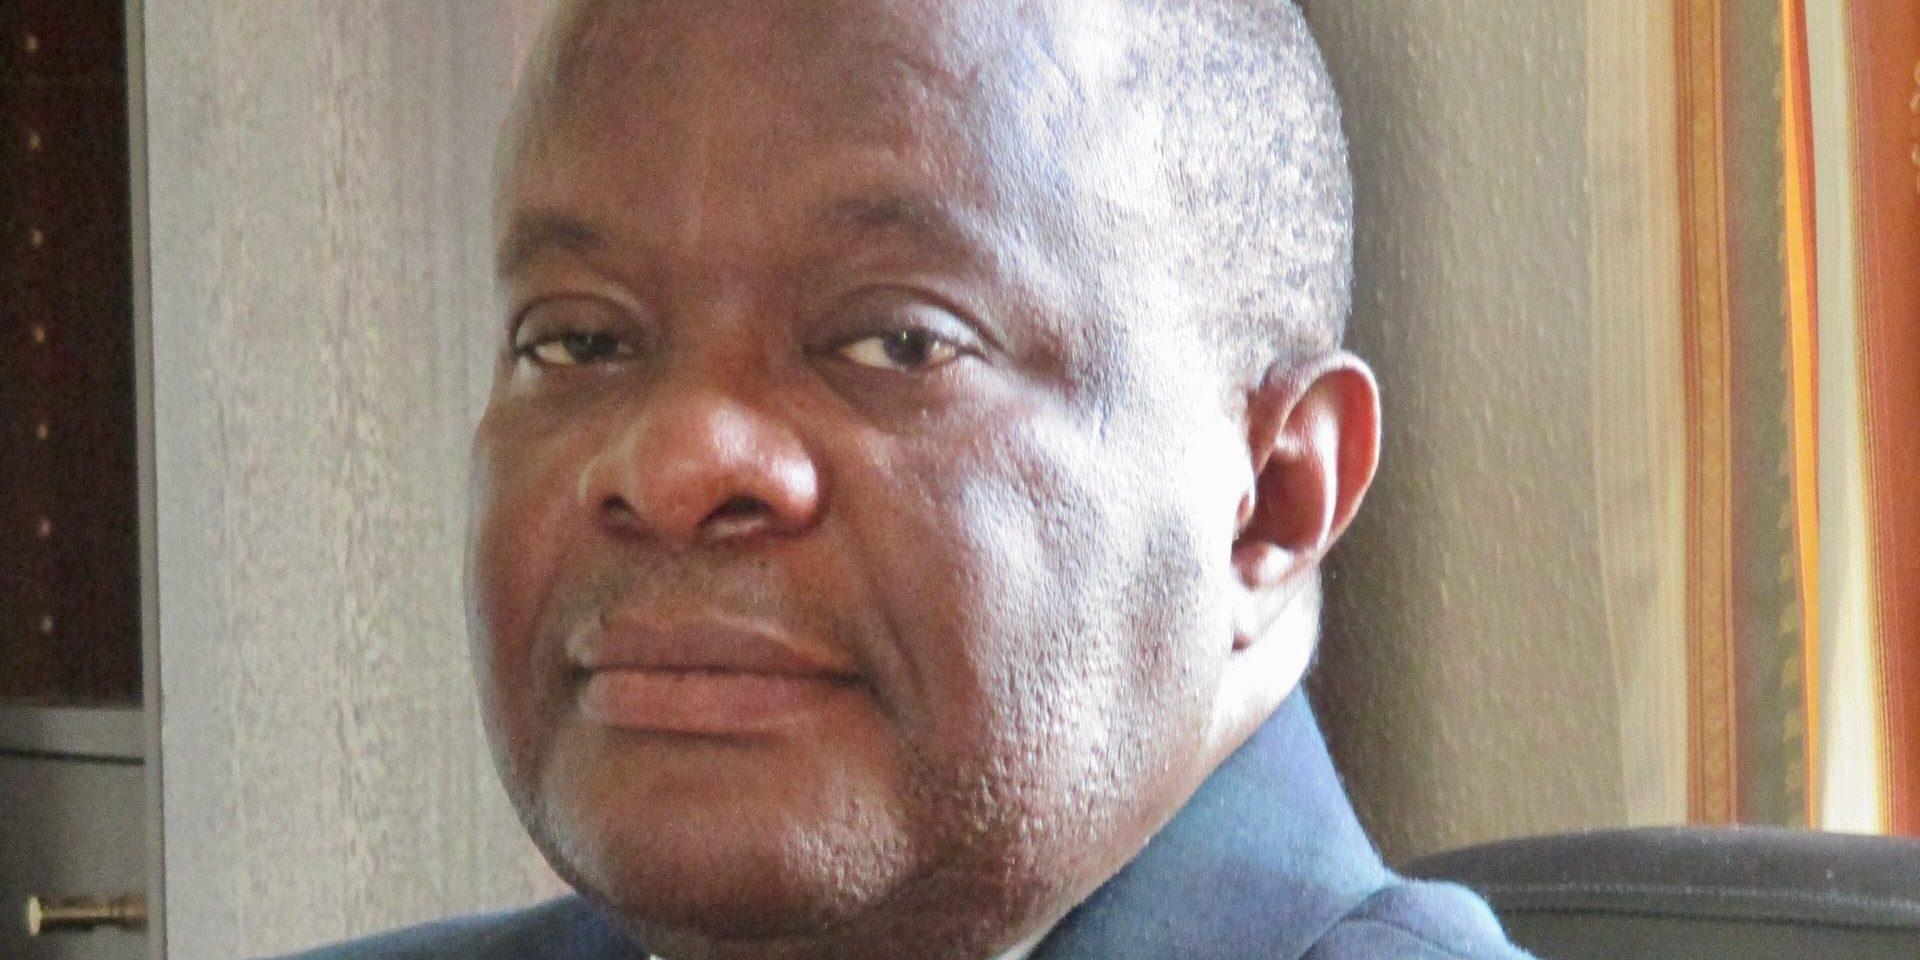 Joseph R Kafuka har tvingats fly sitt hemland Demokratiska republiken Kongo på grund av sitt arbete som journalist. Han fortsätter att bevaka Kongo från Sverige.